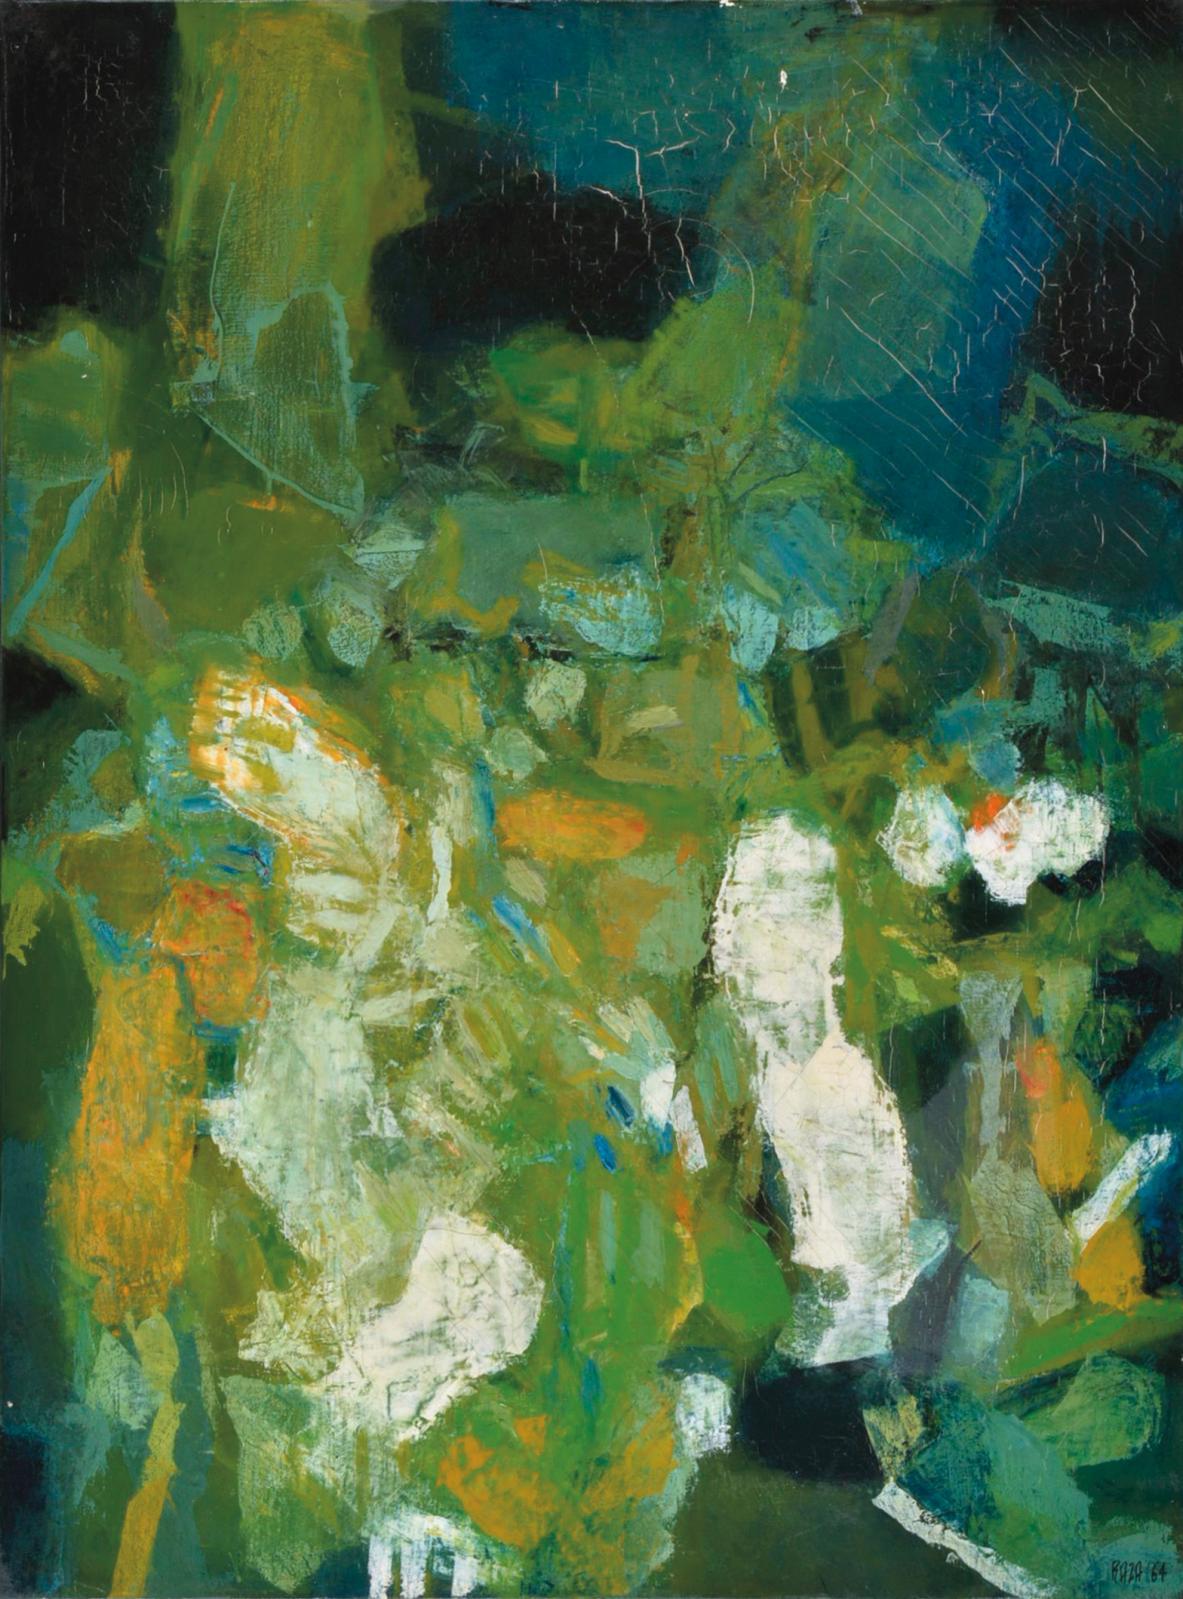 Sayed Haider Raza (1922-2016) a passé son enfance dans la forêt indienne, qui lui a inspiré ce Sous-bois (75 x 56 cm), une huile sur toile, signée et